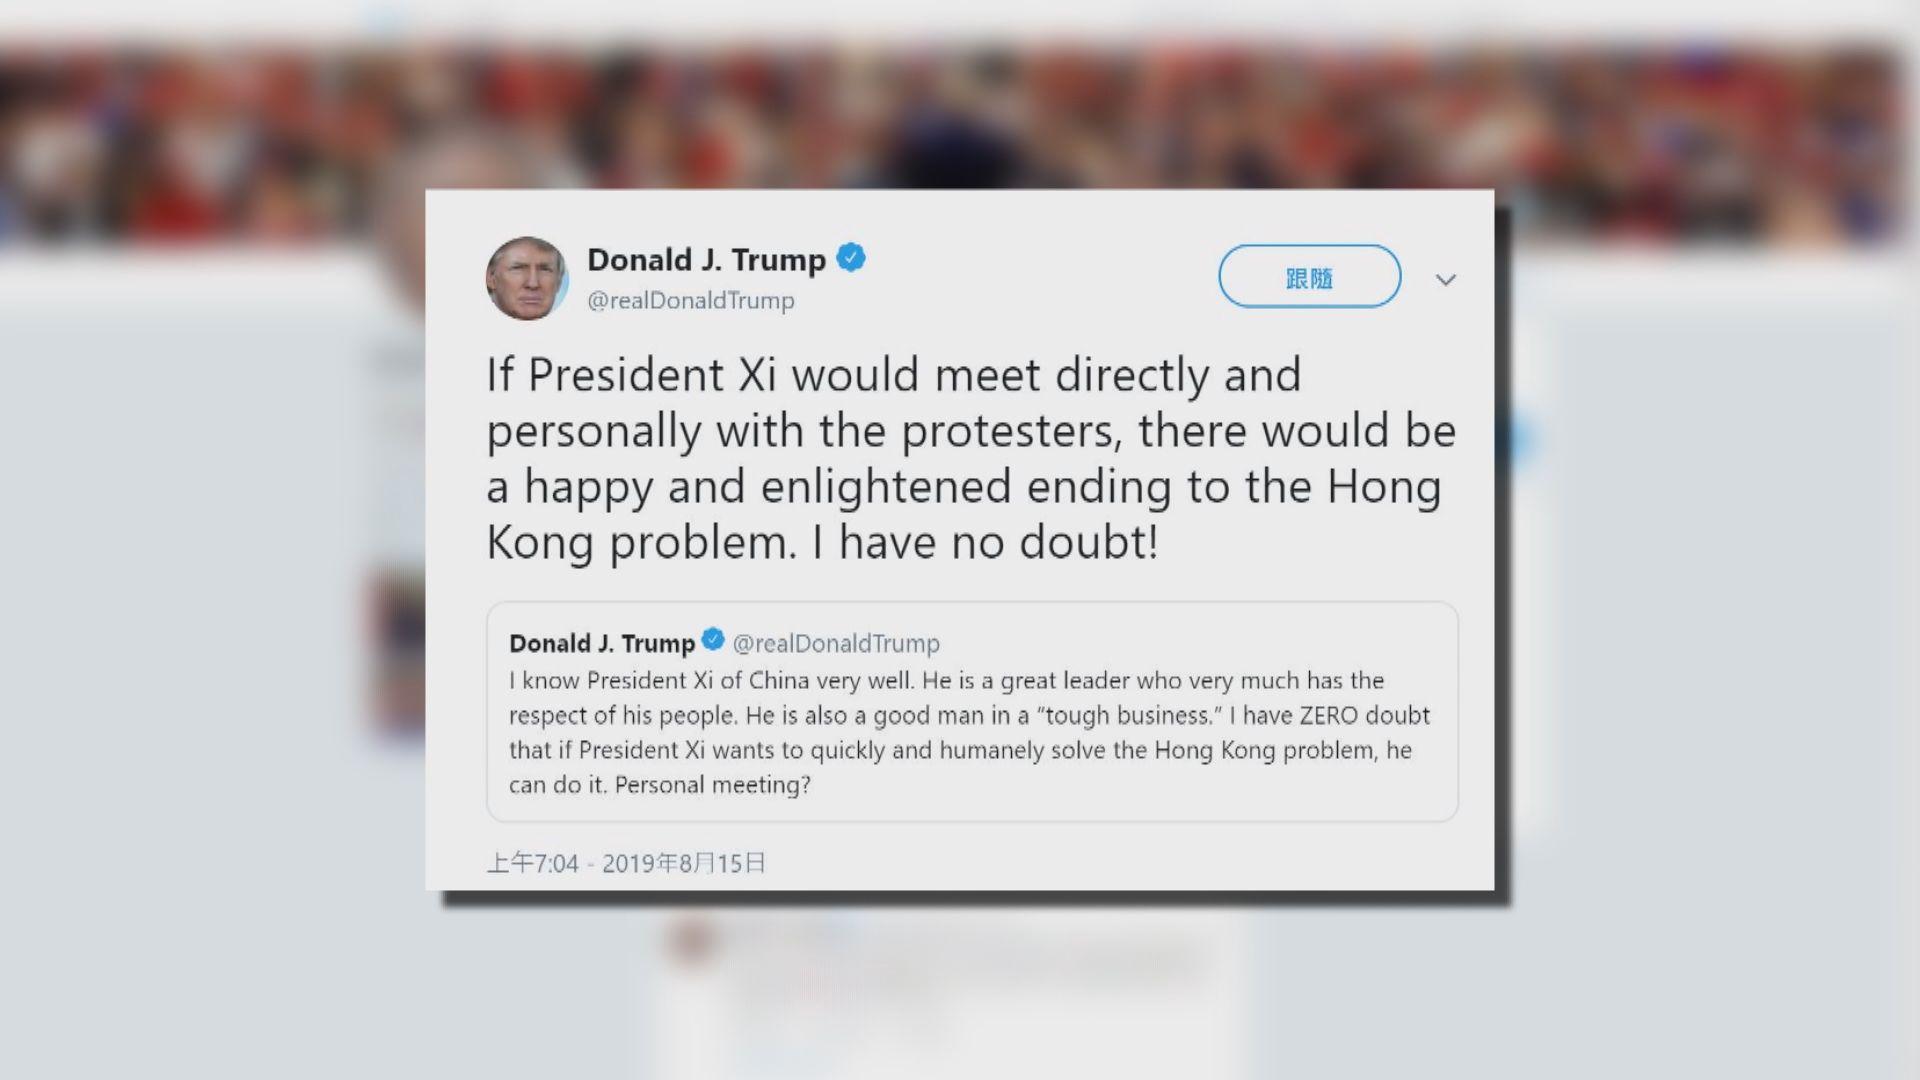 特朗普建議習近平與香港示威者會面